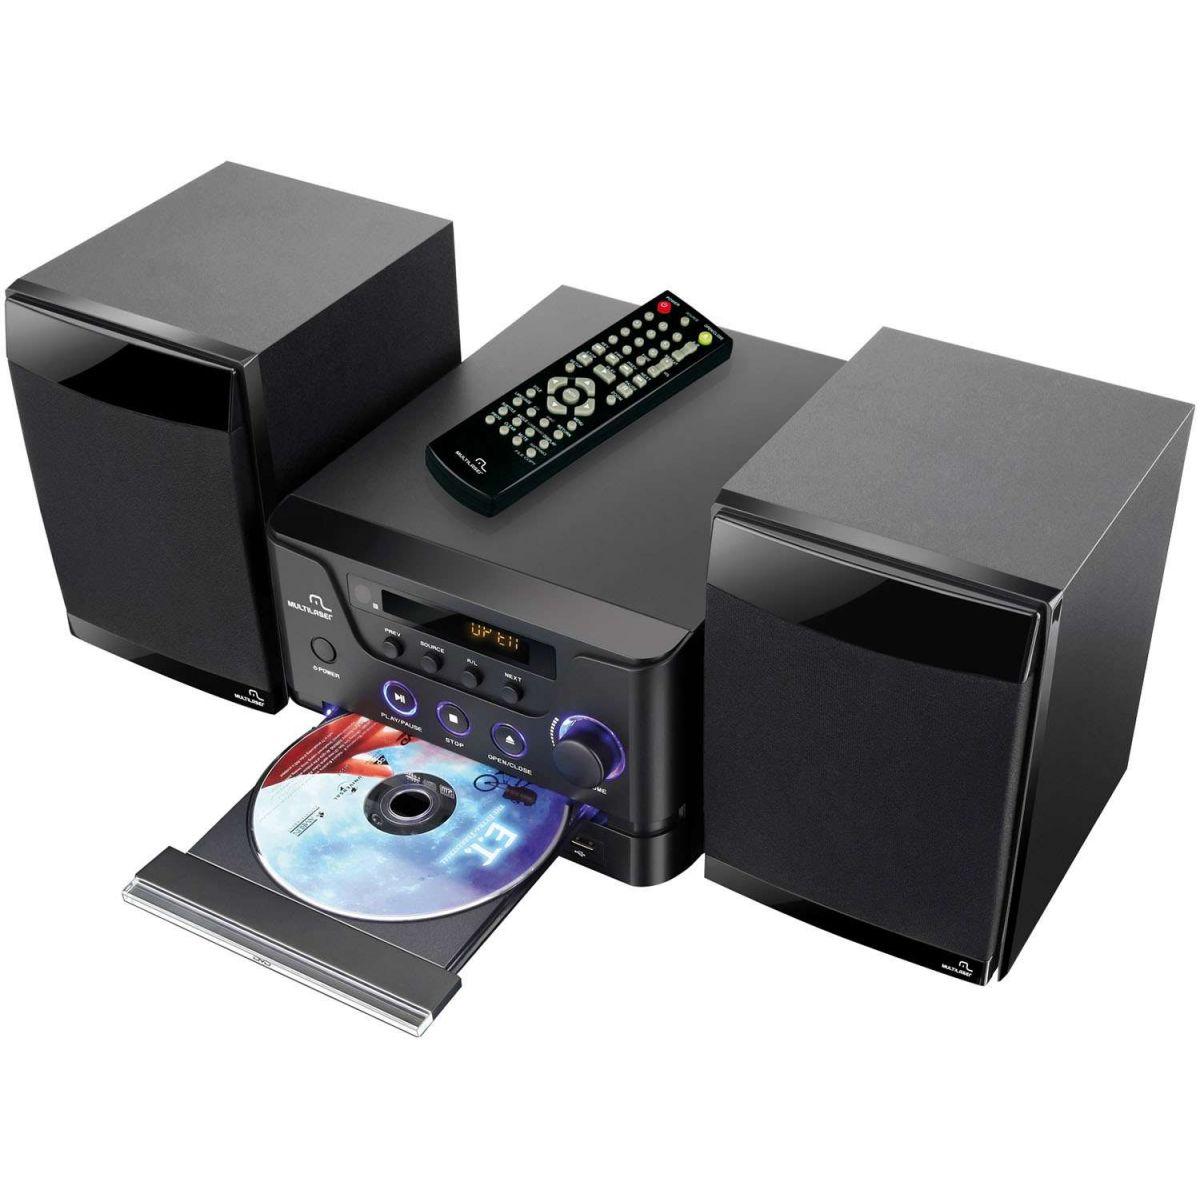 Caixa de Som 2.0 30W RMS com DVD/USB/SD e Controle Remoto SP127 - Multilaser